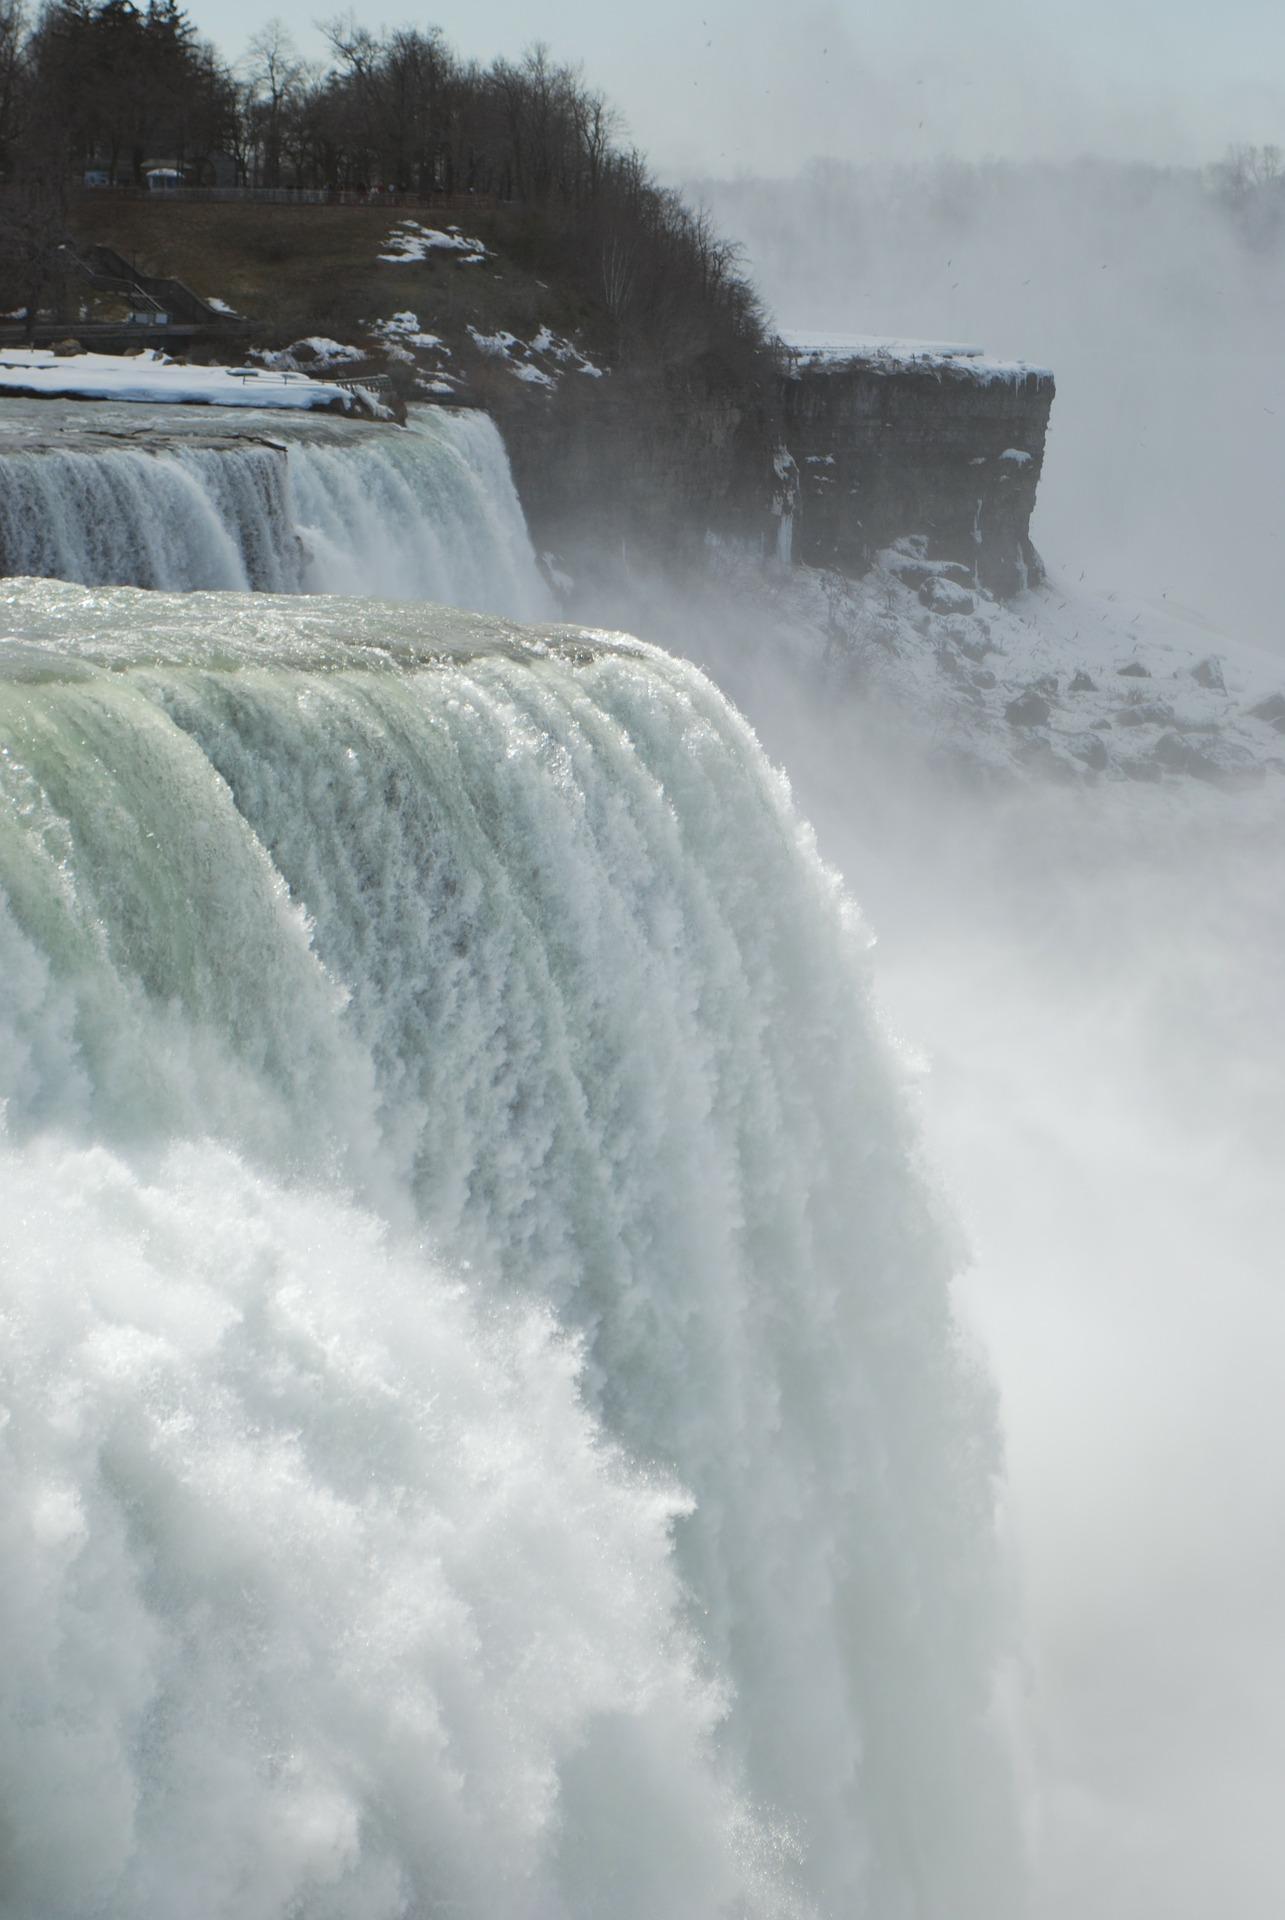 Falls, Niagara, Rivière, eau, l'automne - Fonds d'écran HD - Professor-falken.com